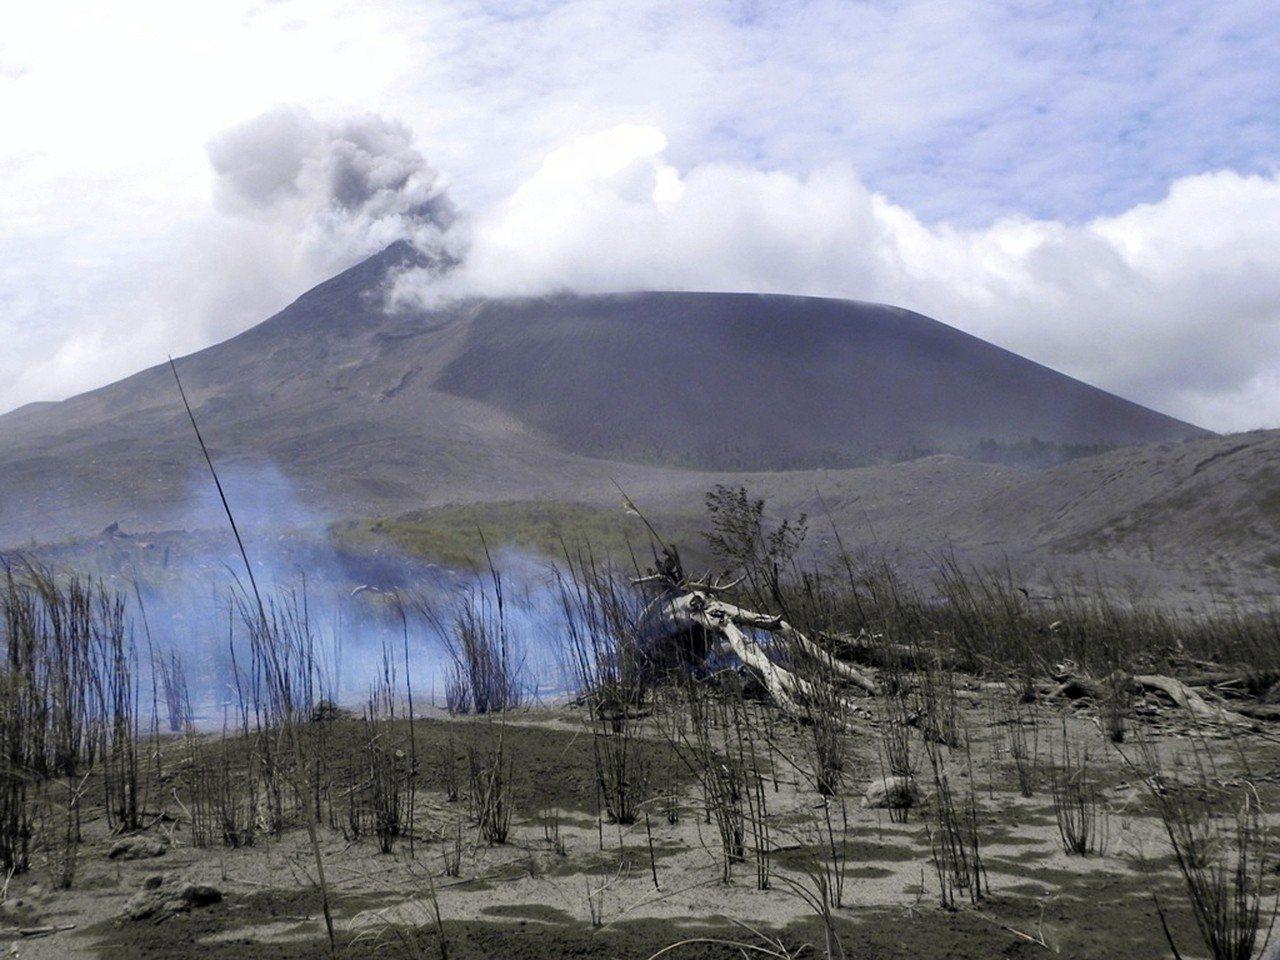 印尼蘇拉威西島(Sulawesi)北部的索普坦火山(Mount Soputan)...